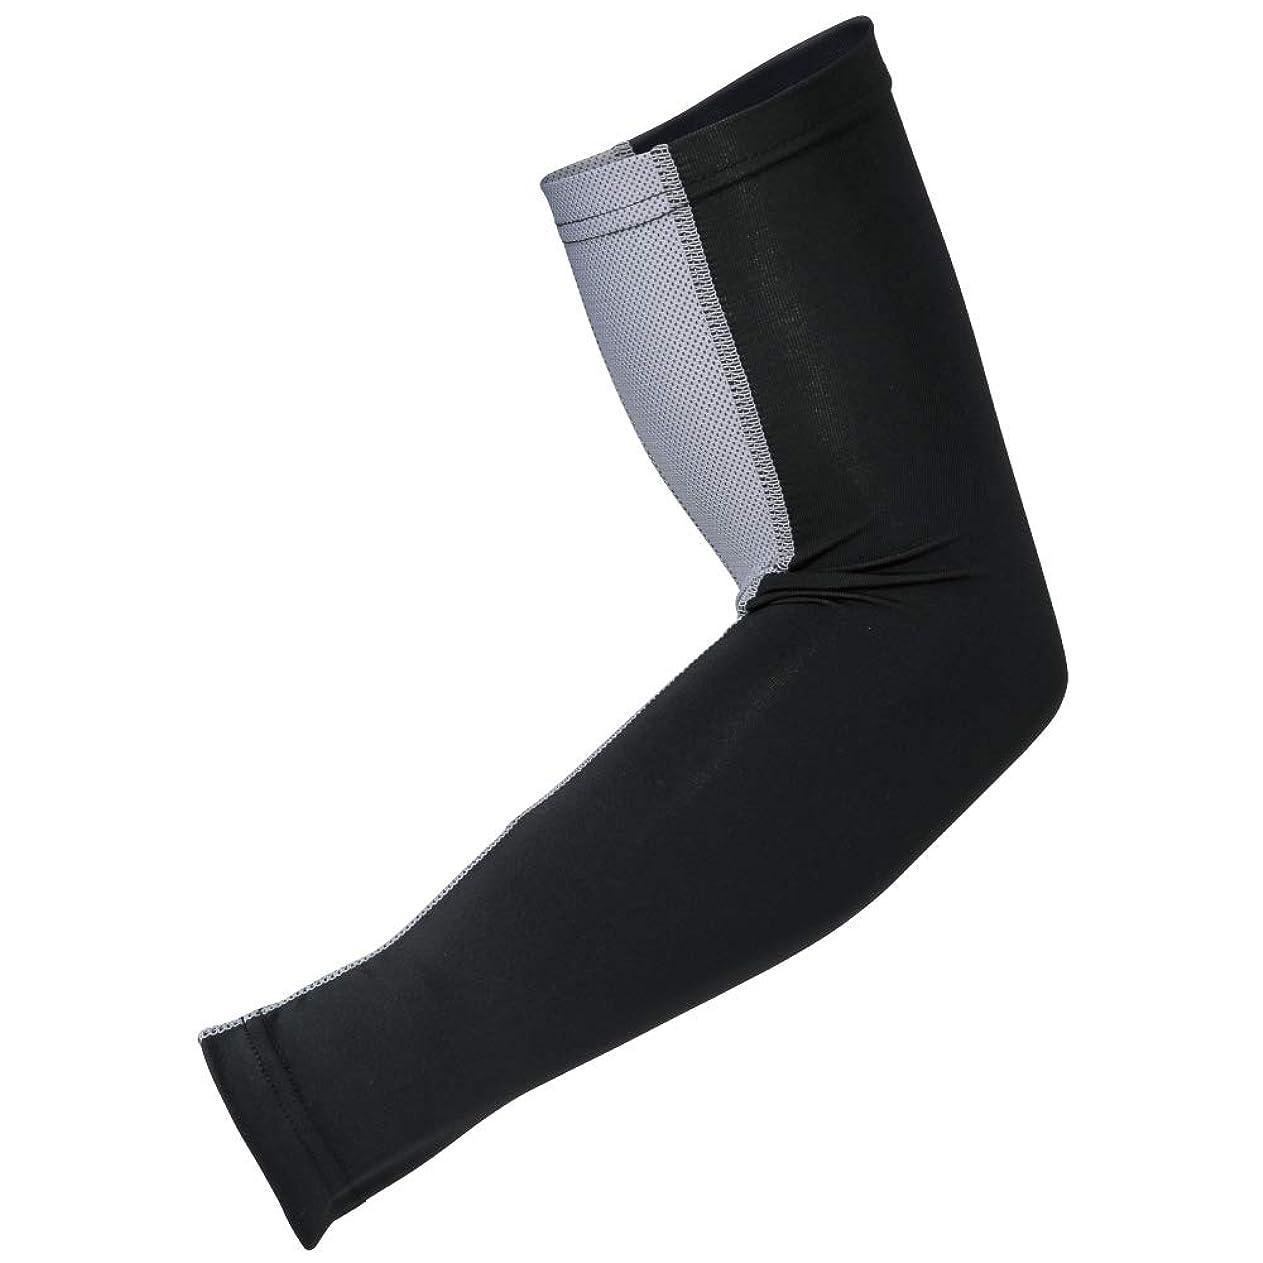 元気化石憂鬱おたふく手袋 ボディータフネス 冷感 パワーストレッチ アームカバー メッシュ JW-619 ブラック×グレー 5双1セット